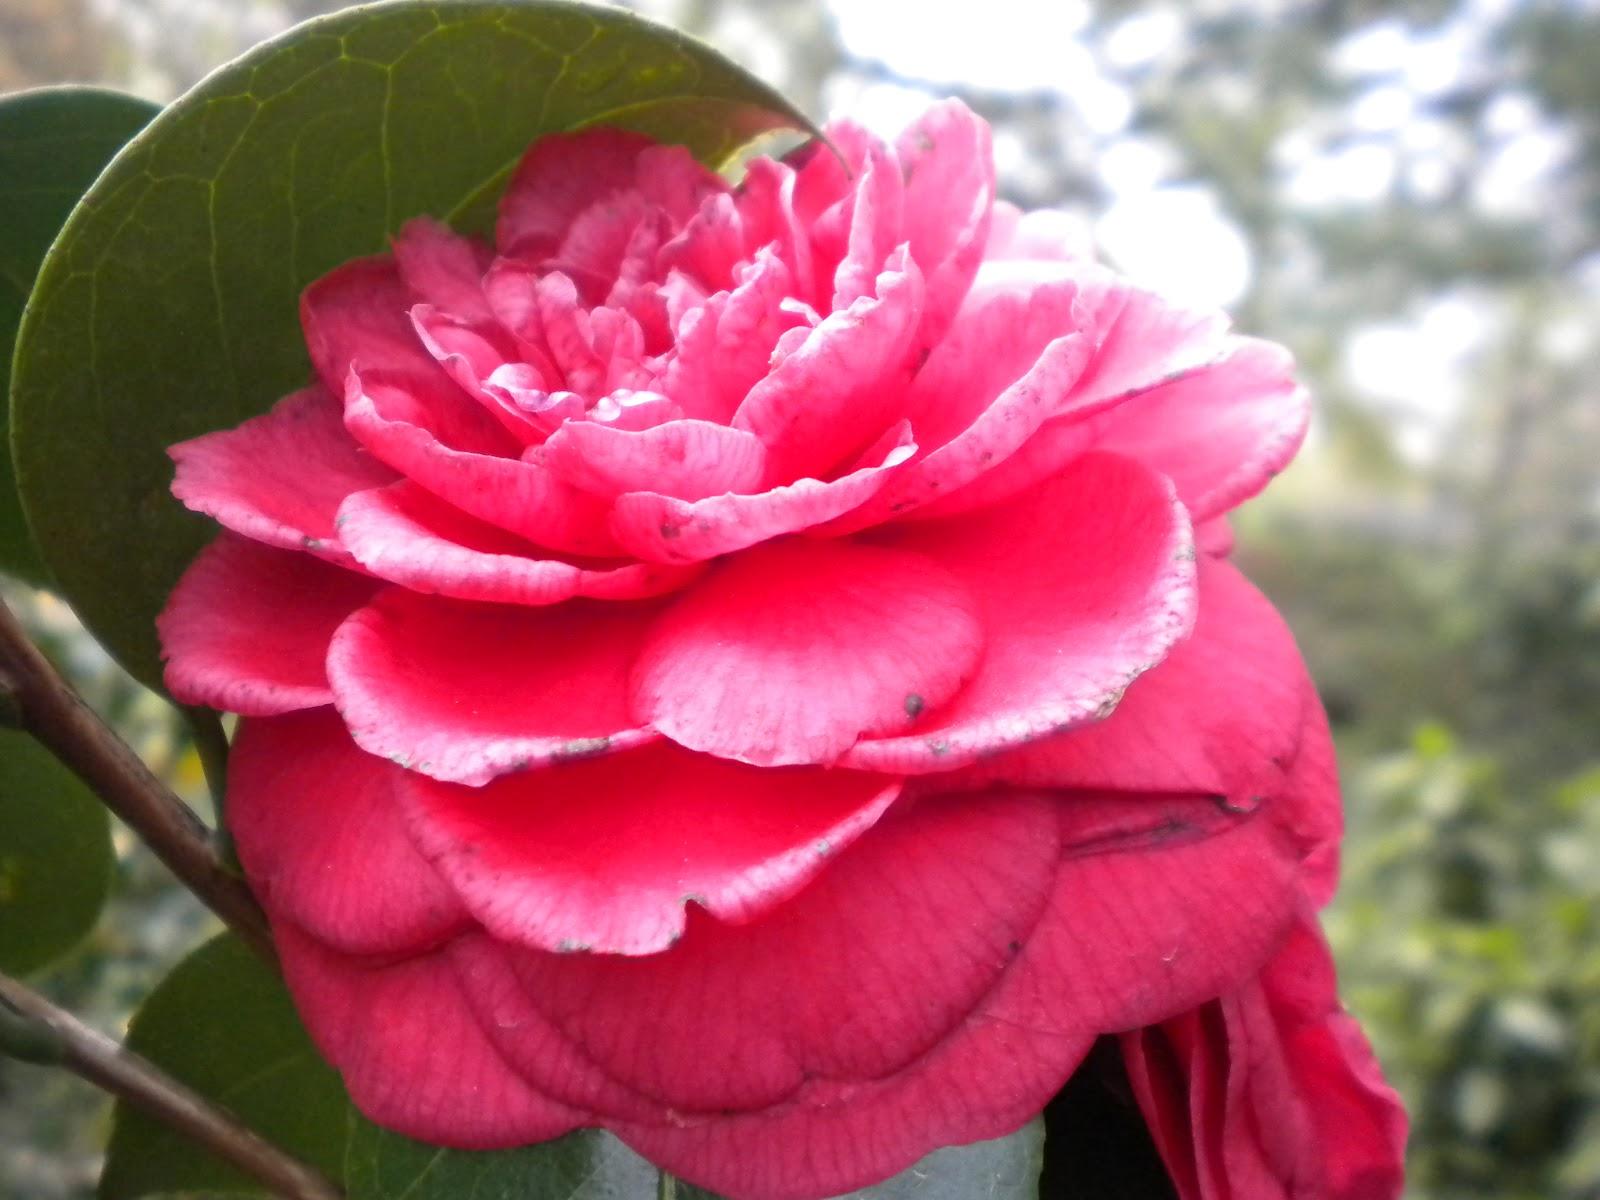 TIPOS DE ROSAS Clasificación de rosas o rosales - Imagenes De Diferentes Tipos De Rosas